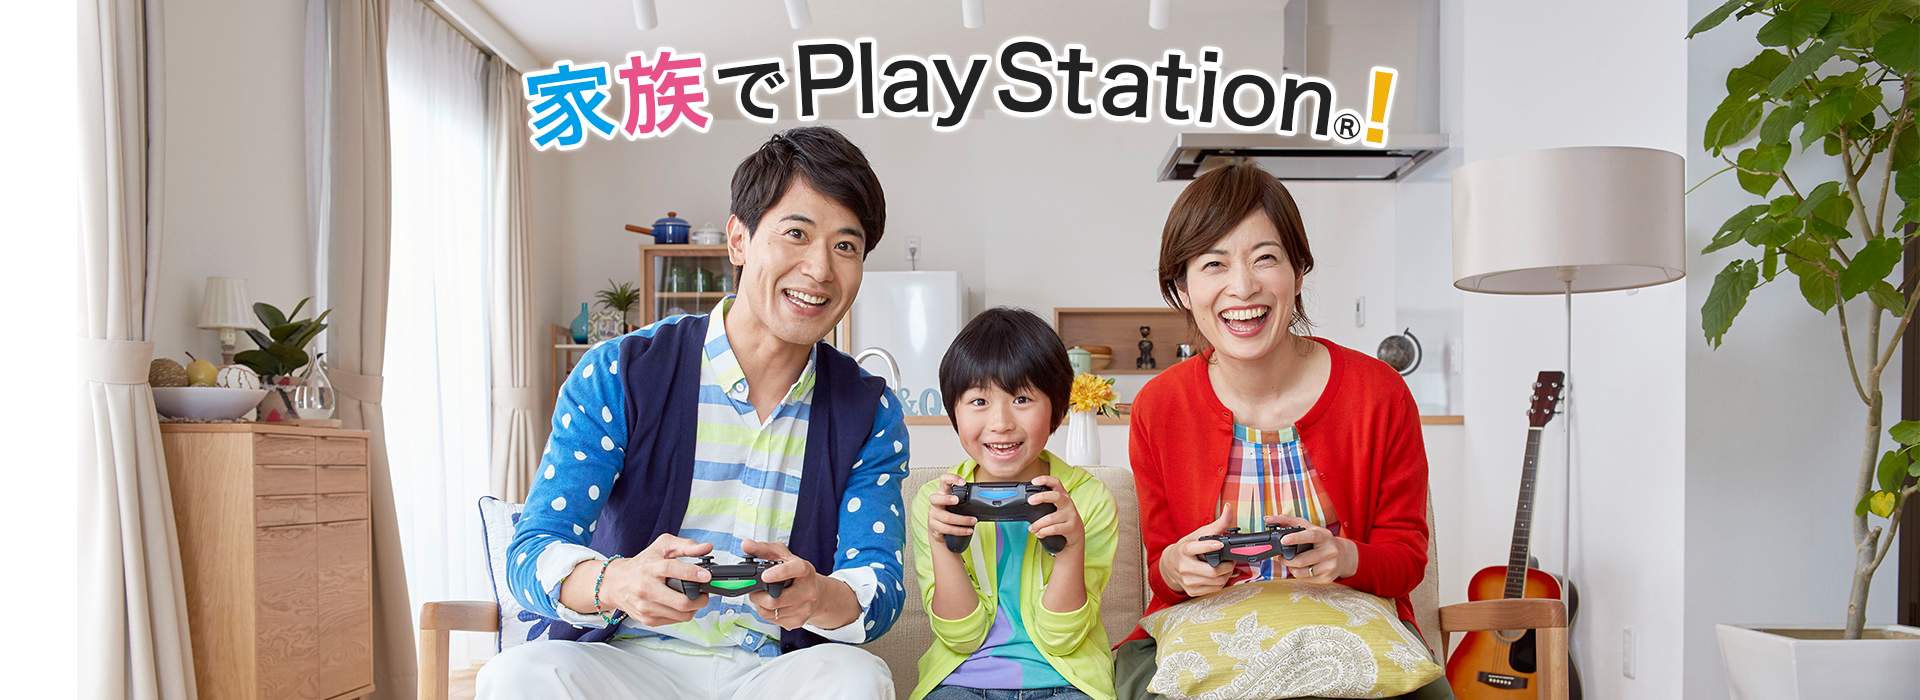 家族でプレイステーション!